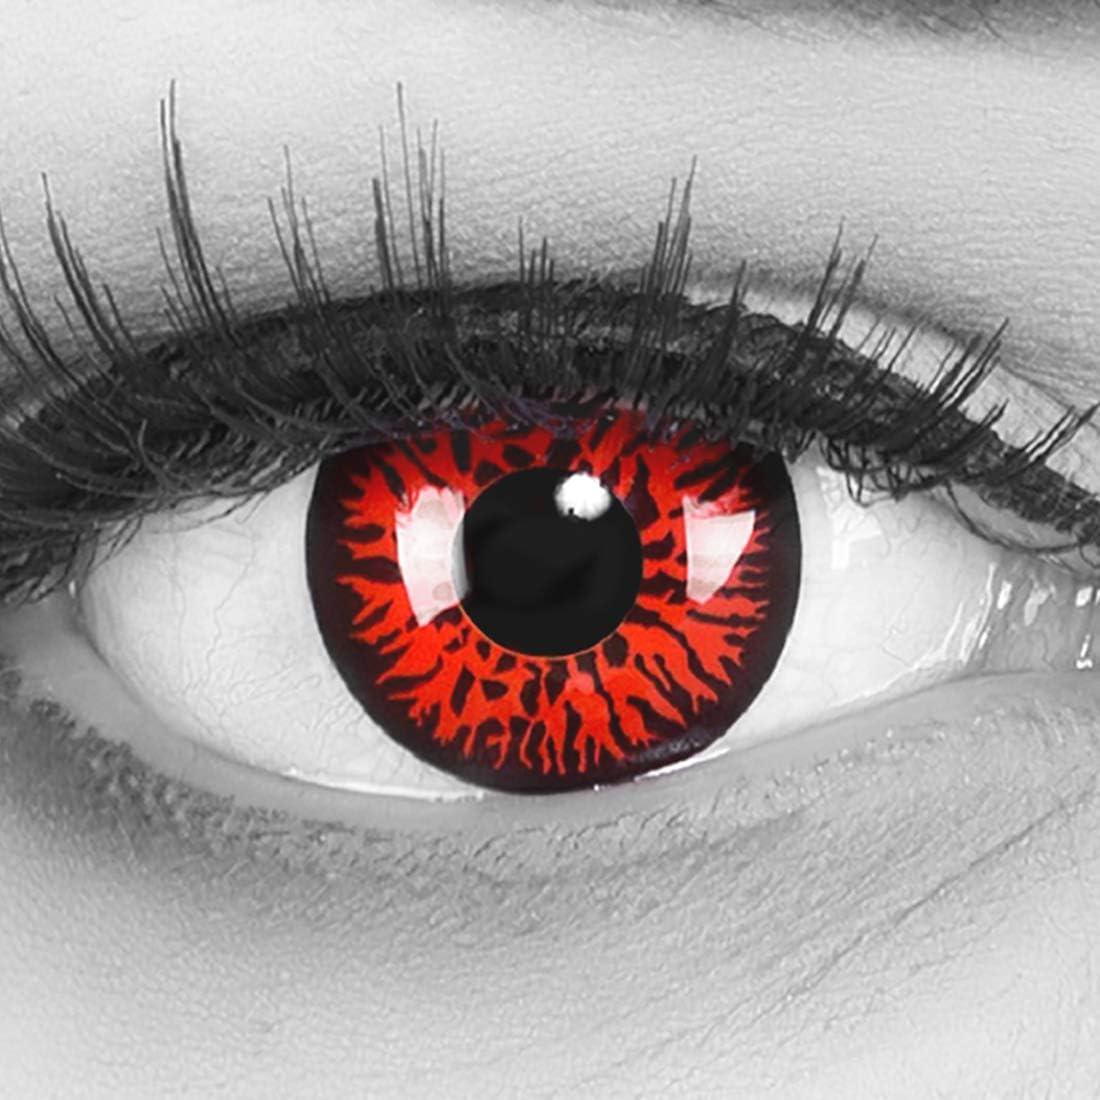 Lentillas de color rojo negro Rojo Demon 1 par. Cómodas y perfectas para carnaval de Halloween, cosplay de anime, blandas, sin dioptrías + recipiente de lentillas, sin graduación